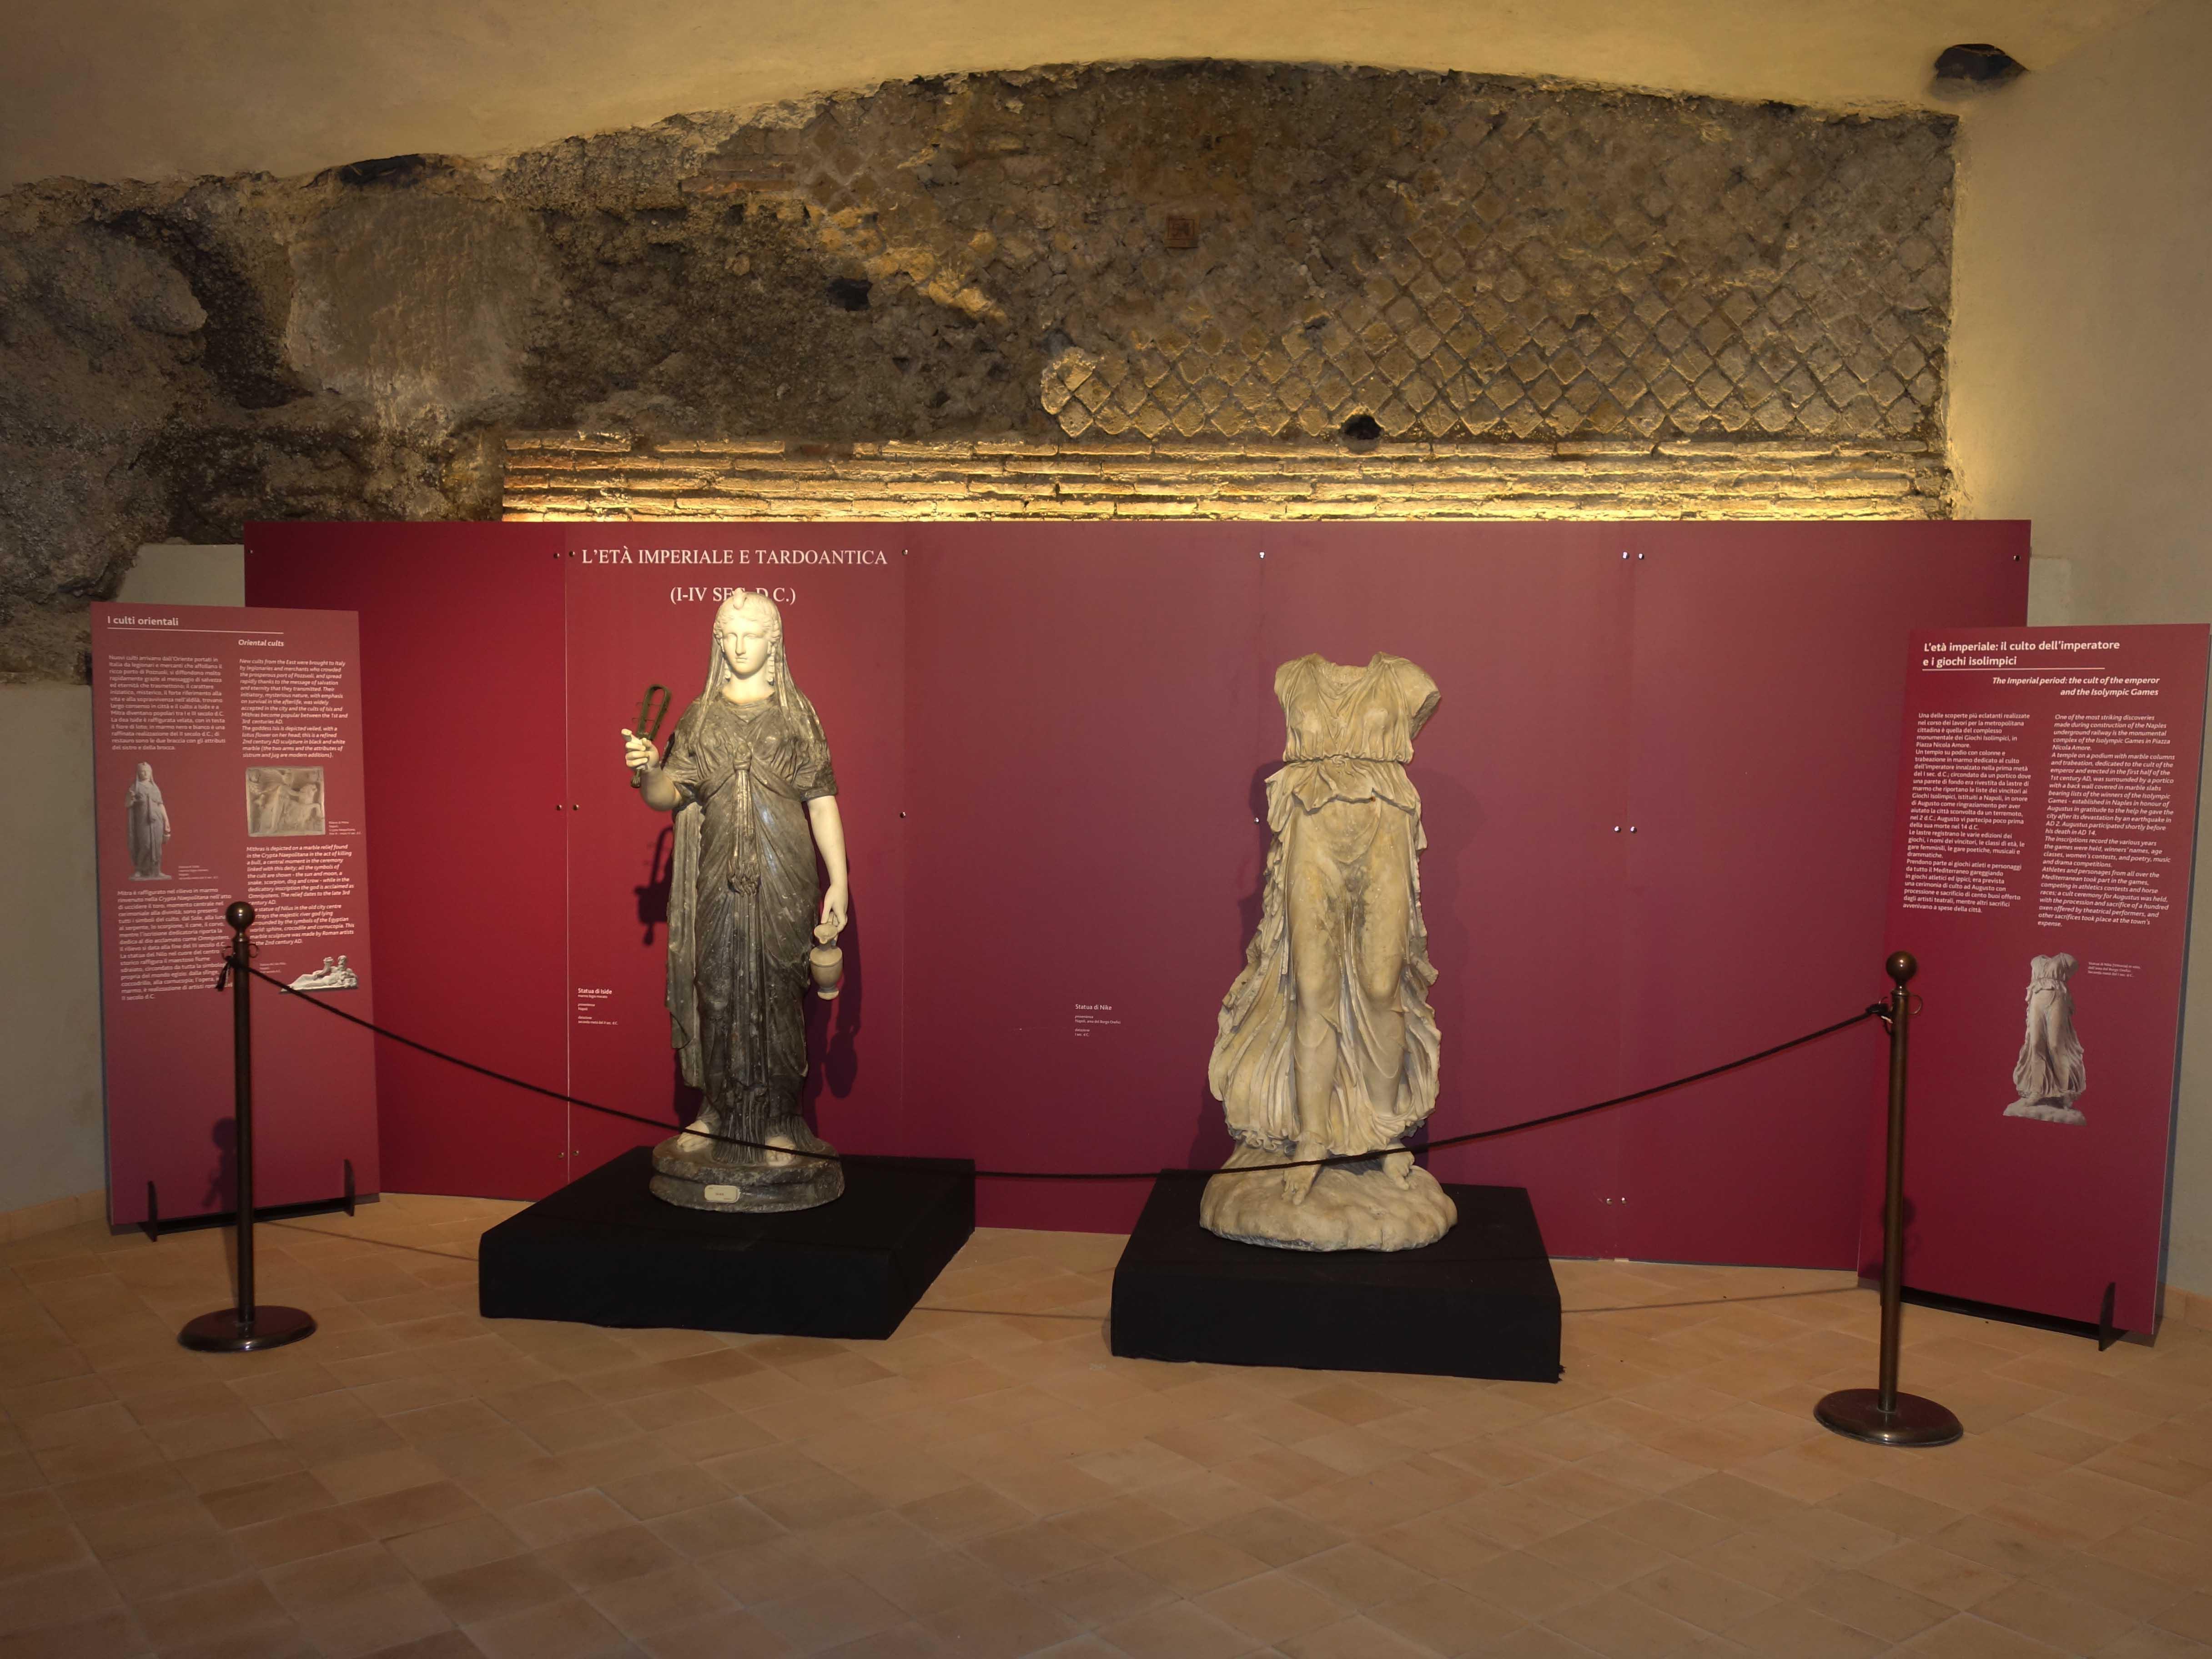 siti incontri napoli marble